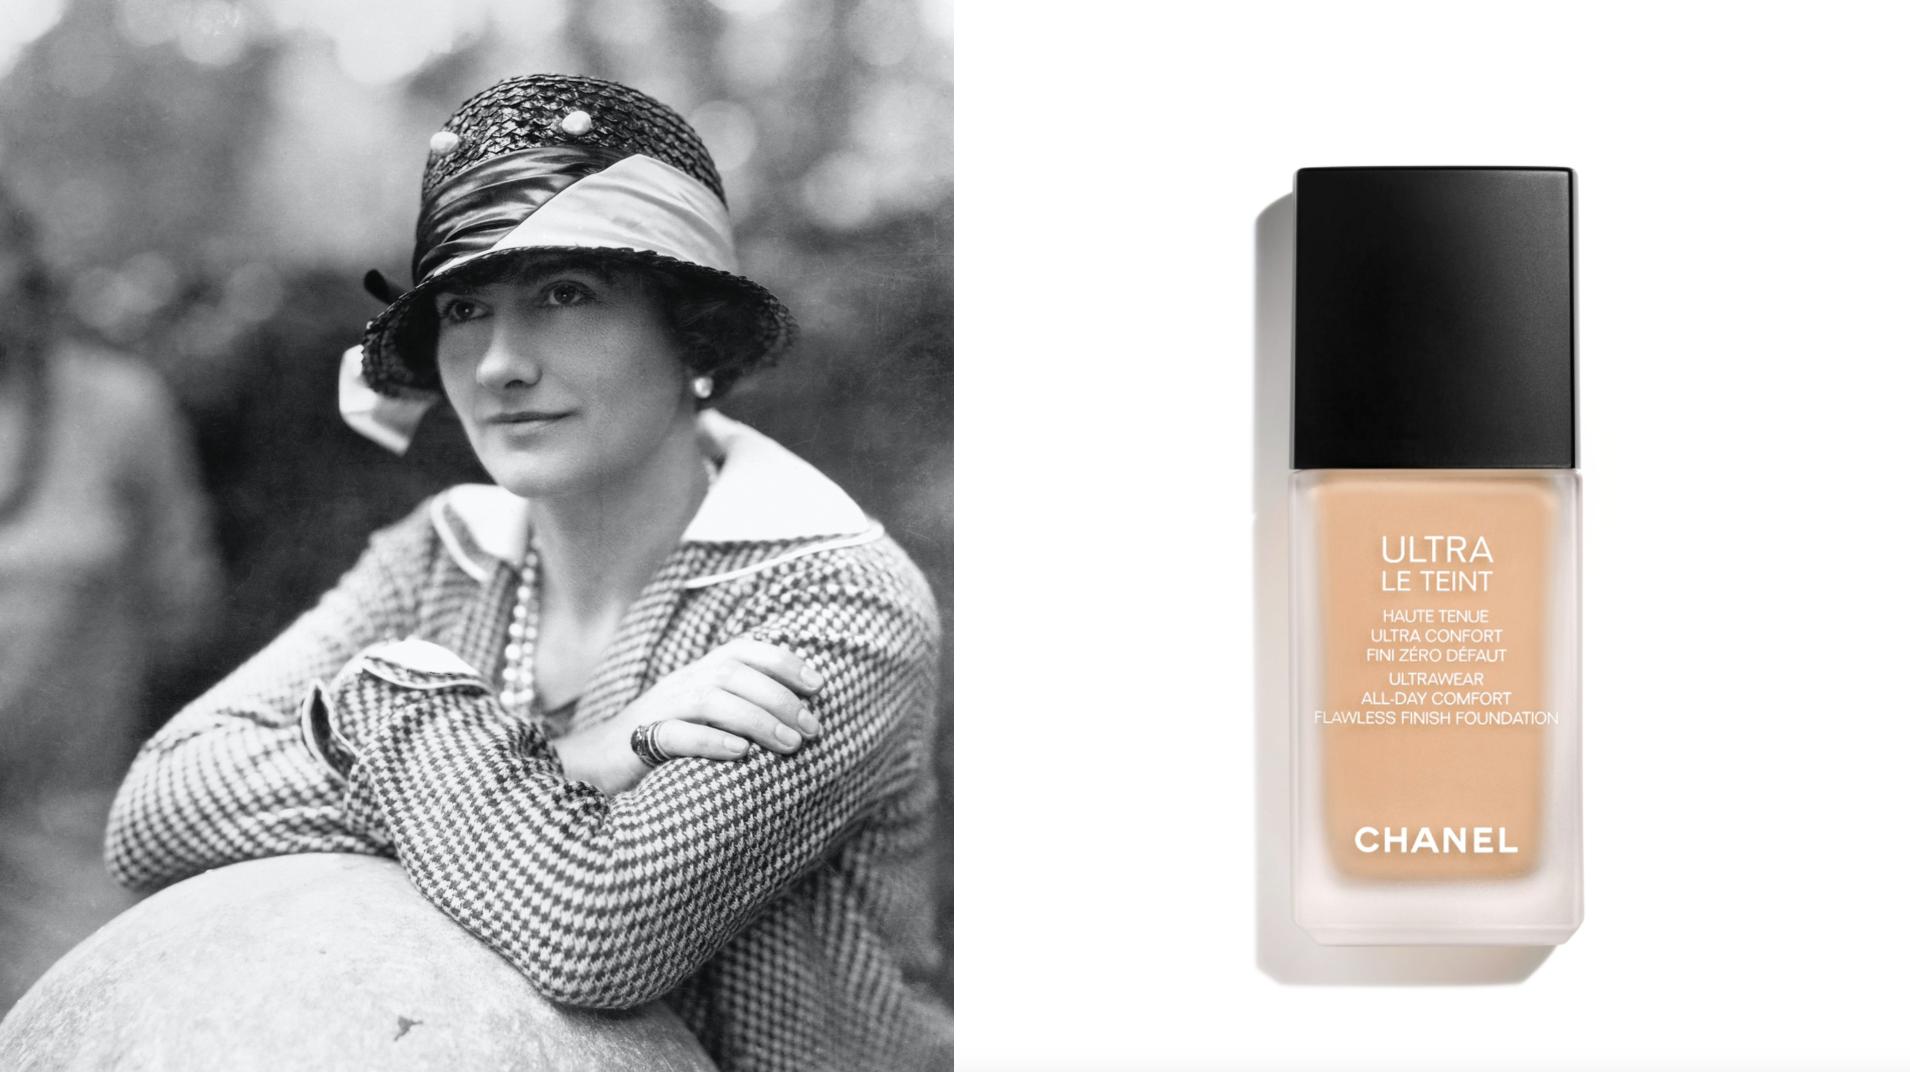 Coco Chanel Cumpleaños, Chanel beauty